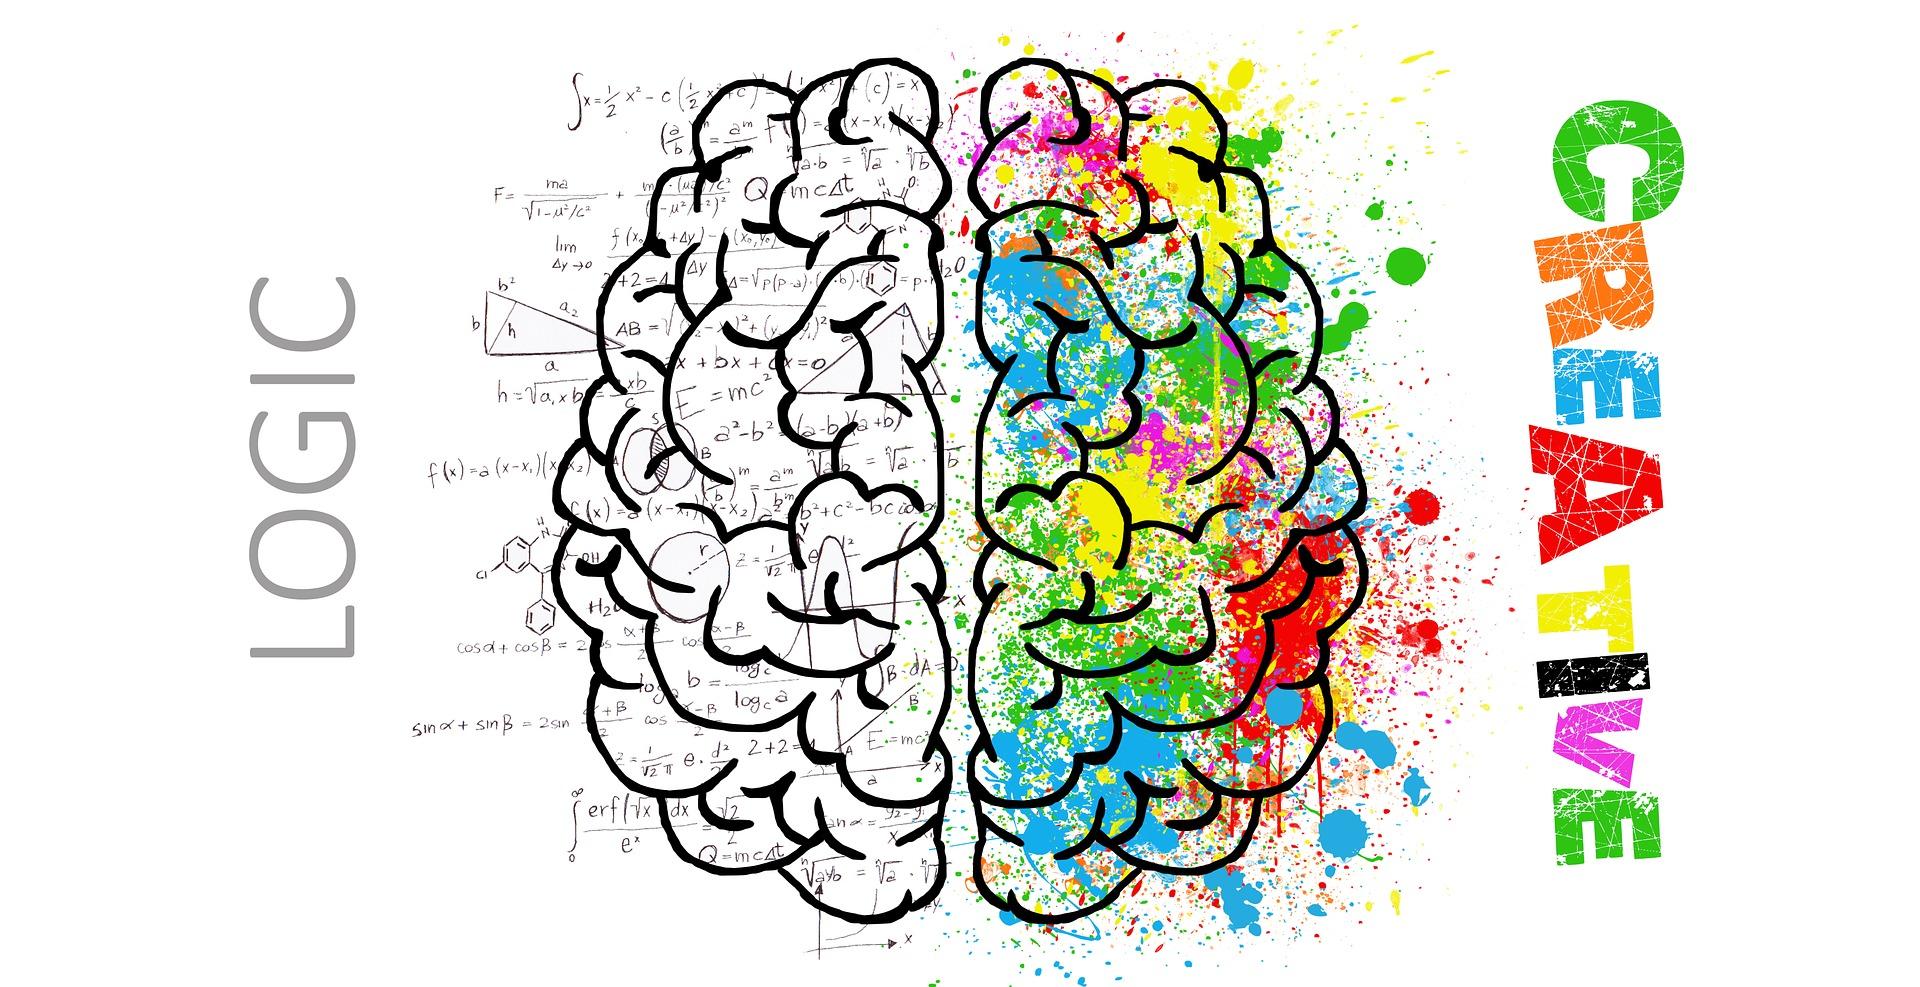 В чём разница между IQ и EQ? Как определить, у человека сильнее развит интеллект или эмоциональный интеллект.